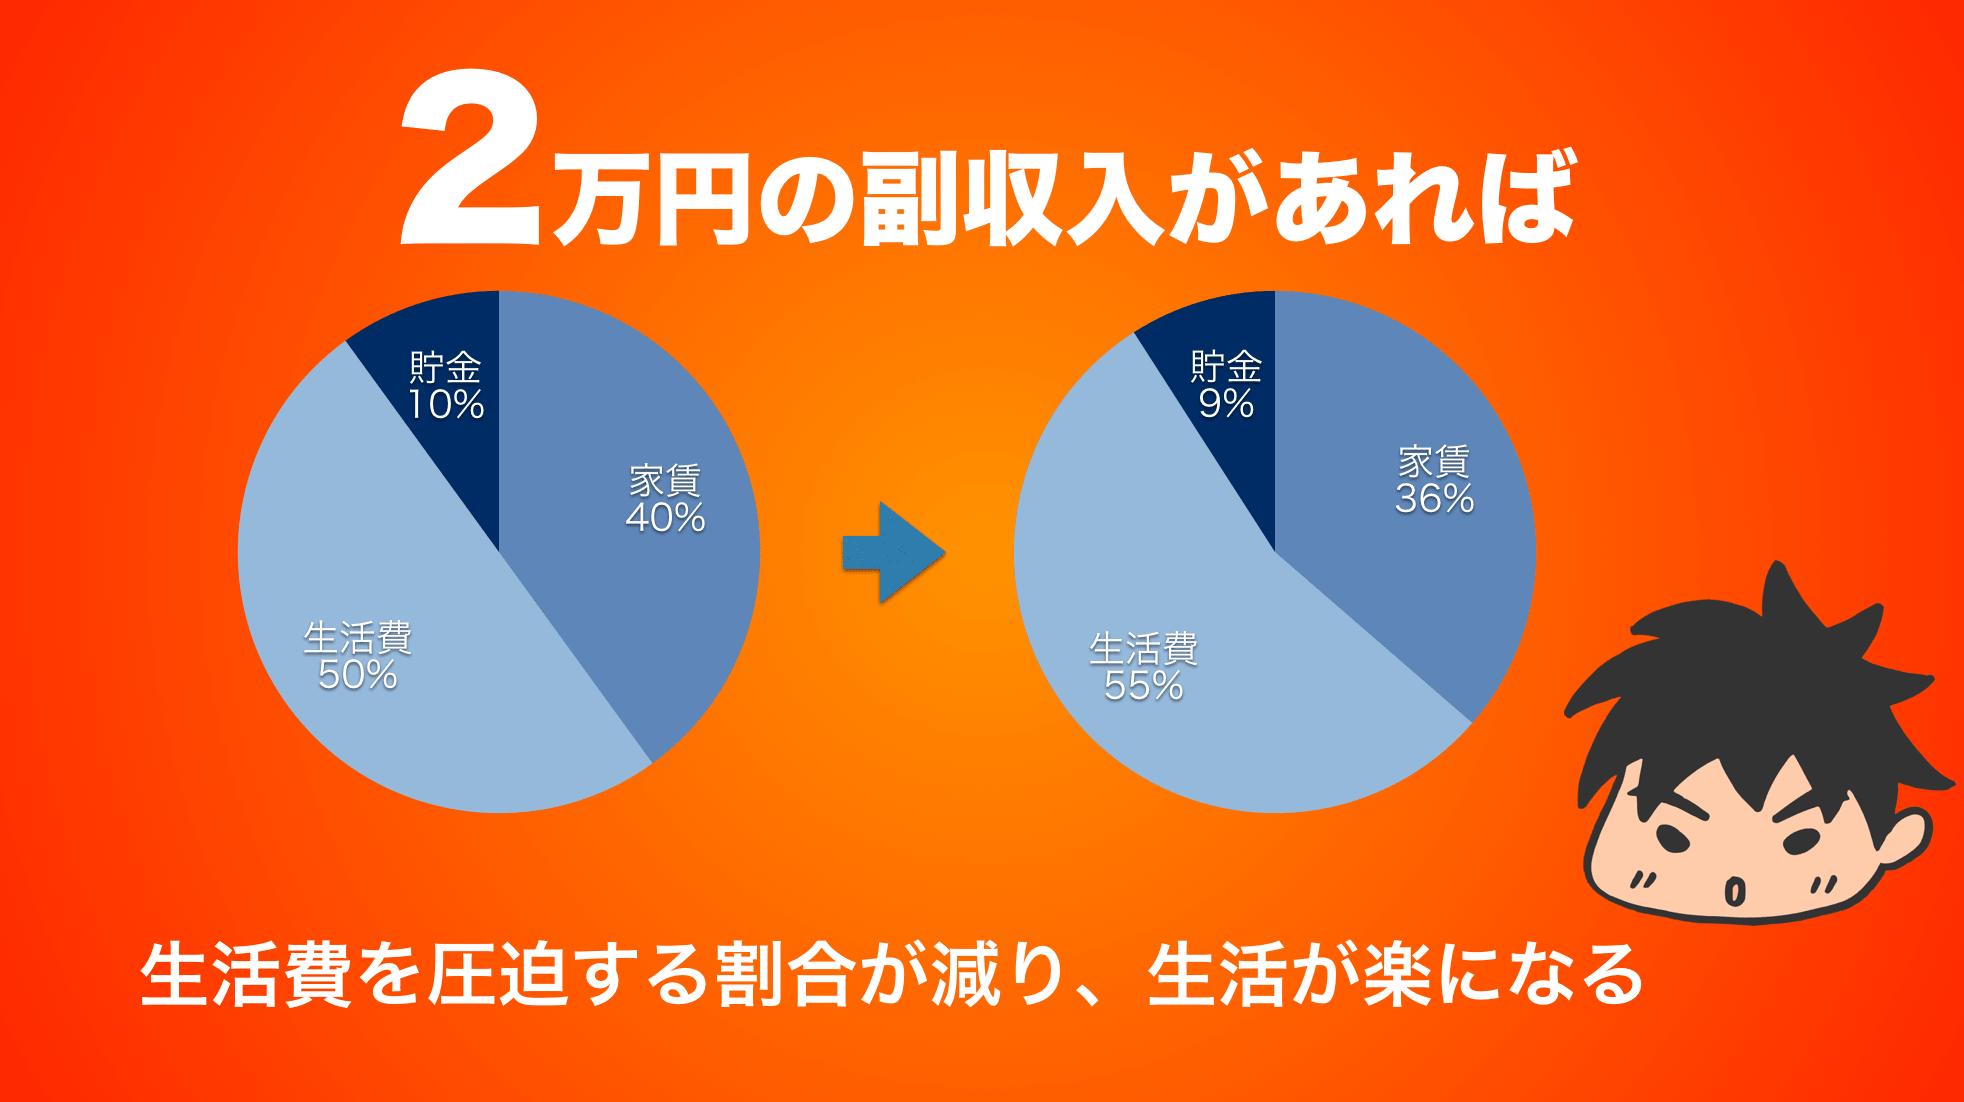 2万円の副収入